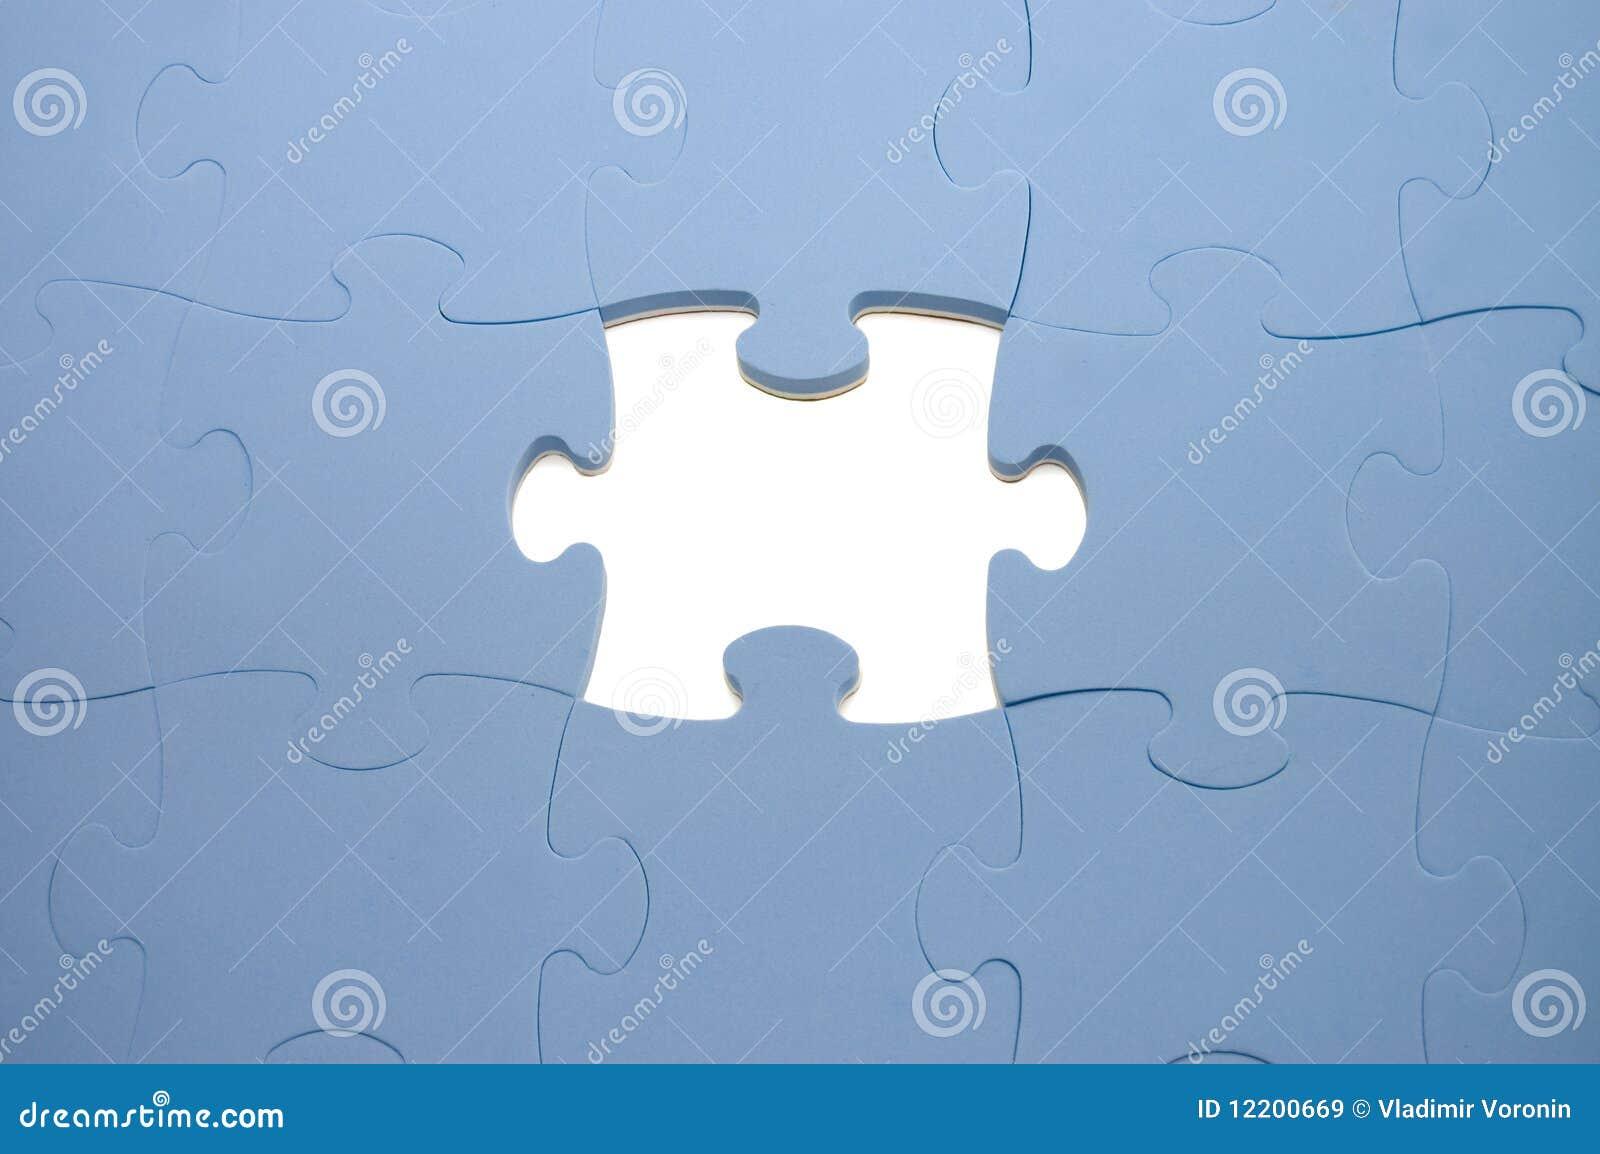 Fallengelassenes heraus Teil eines Puzzlespiels